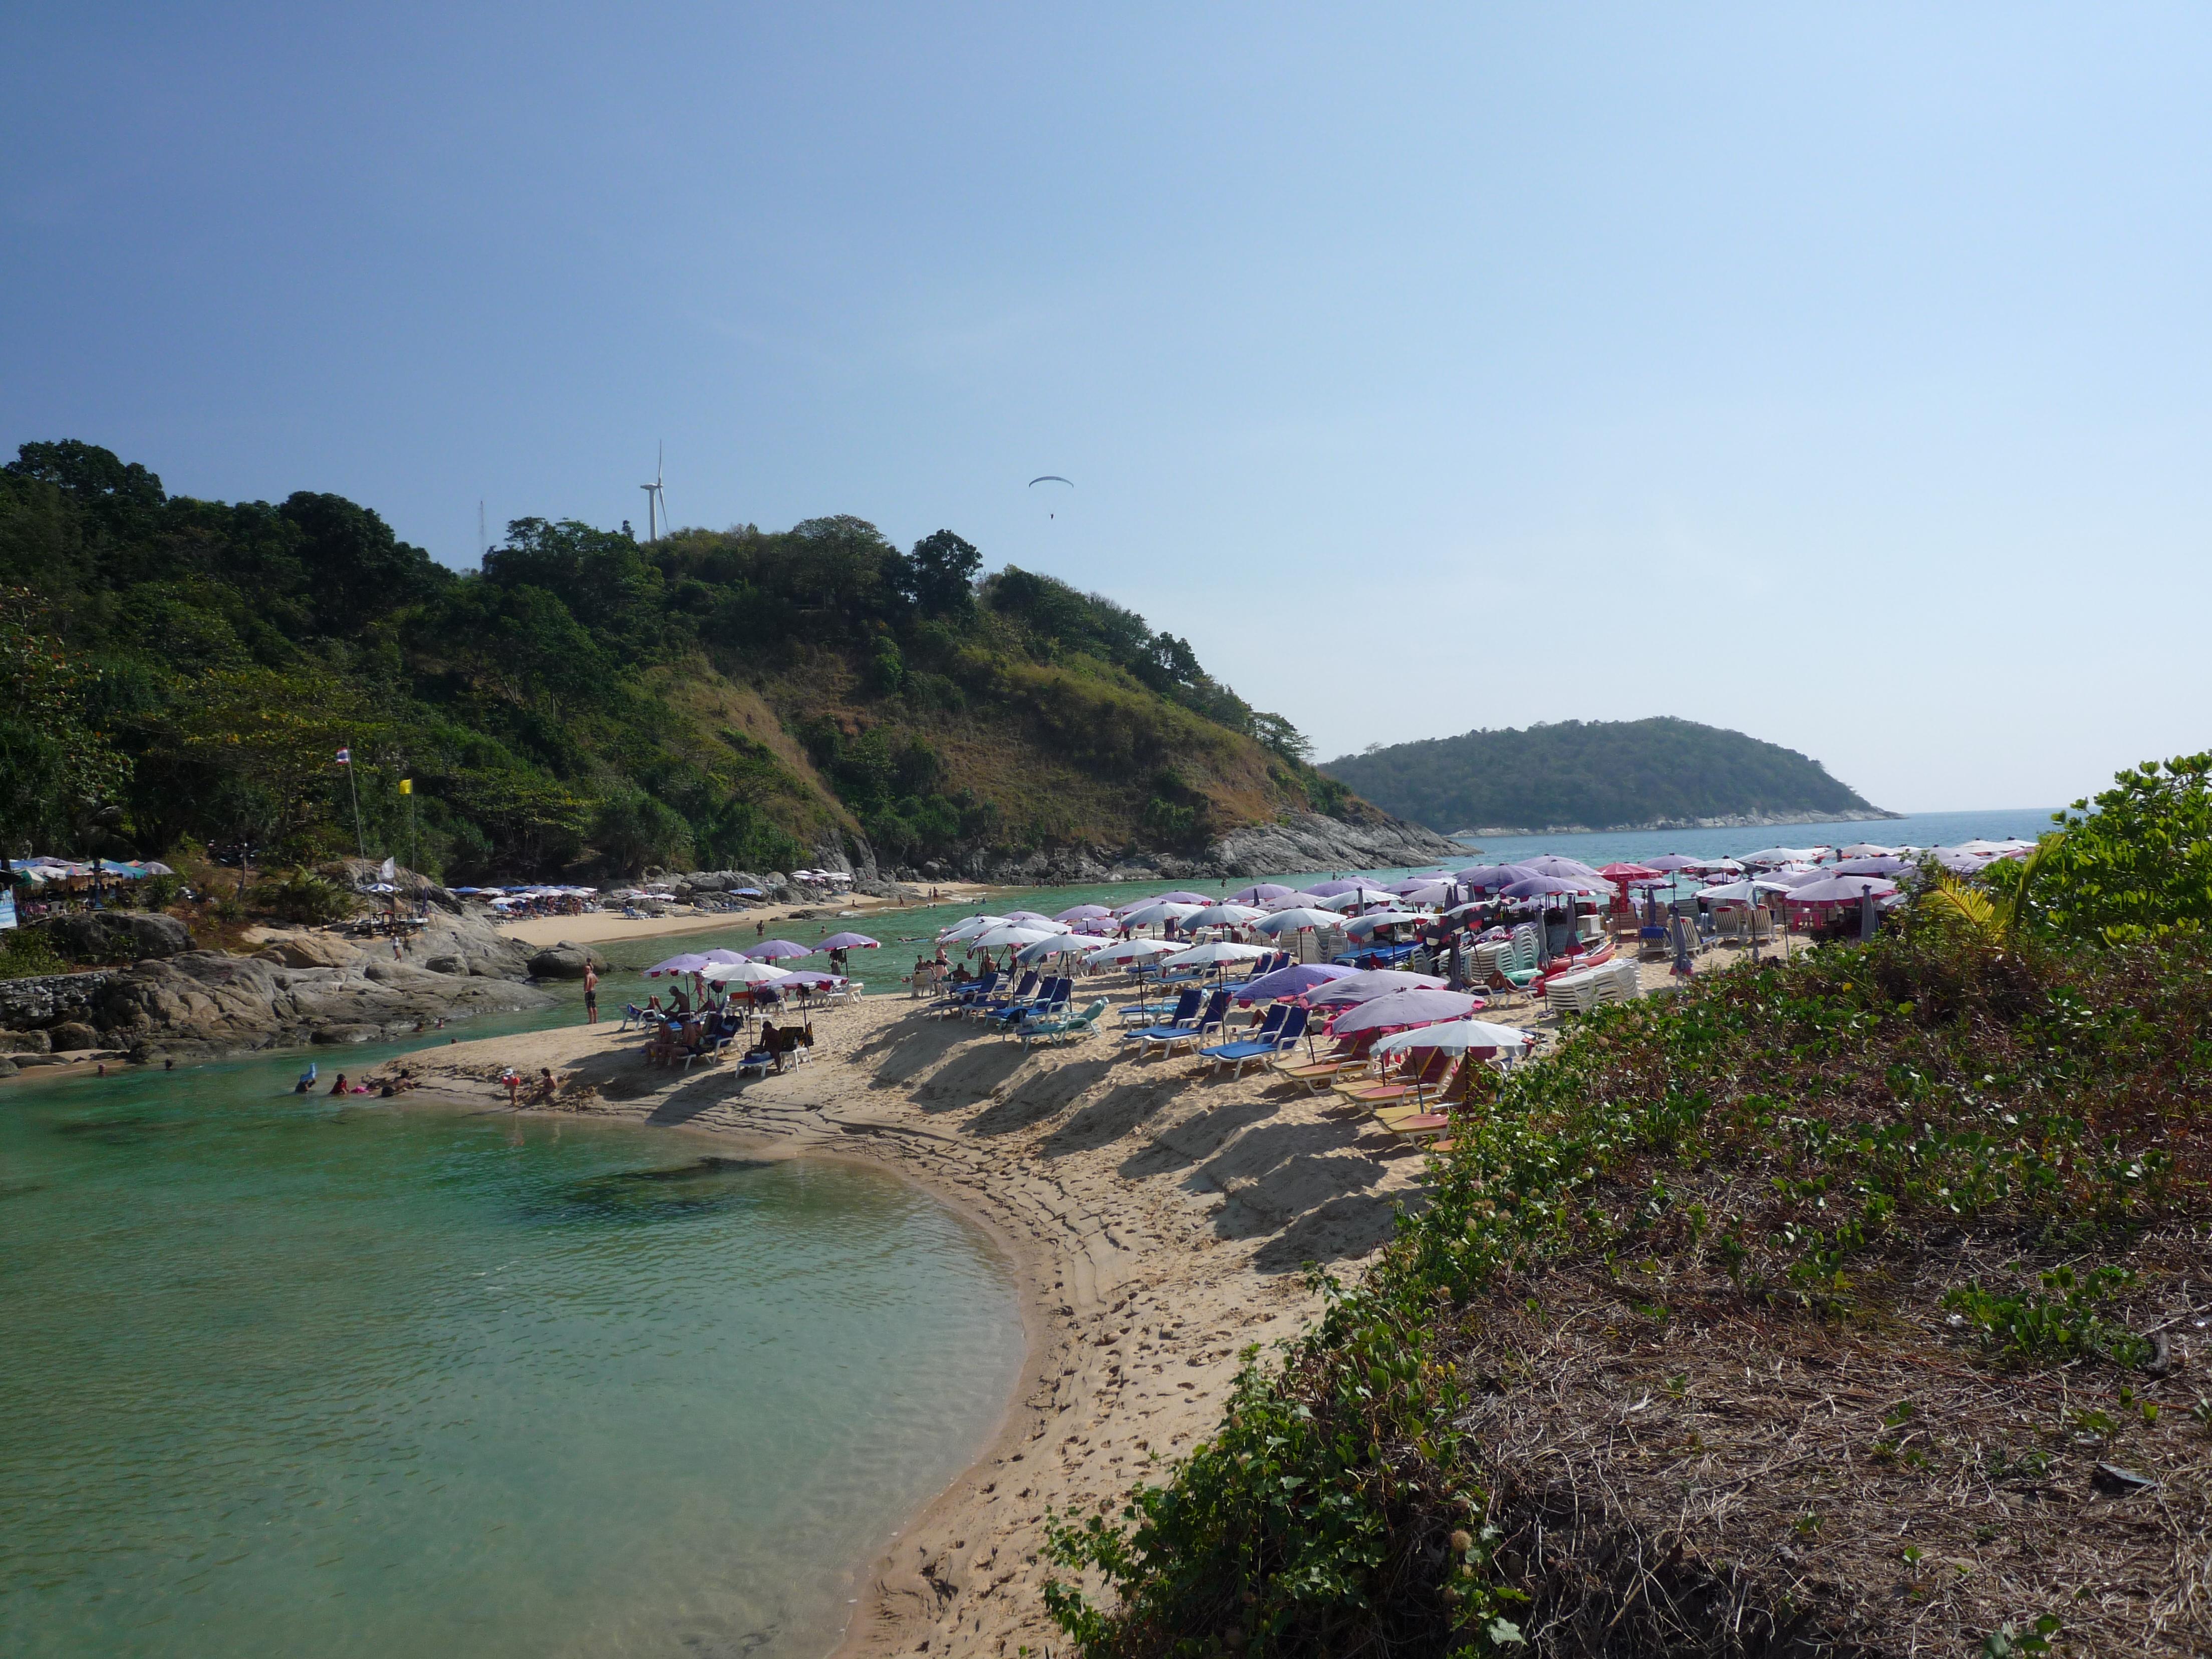 File:Phuket - Nai Harn Beach 014.jpg - Wikimedia Commons